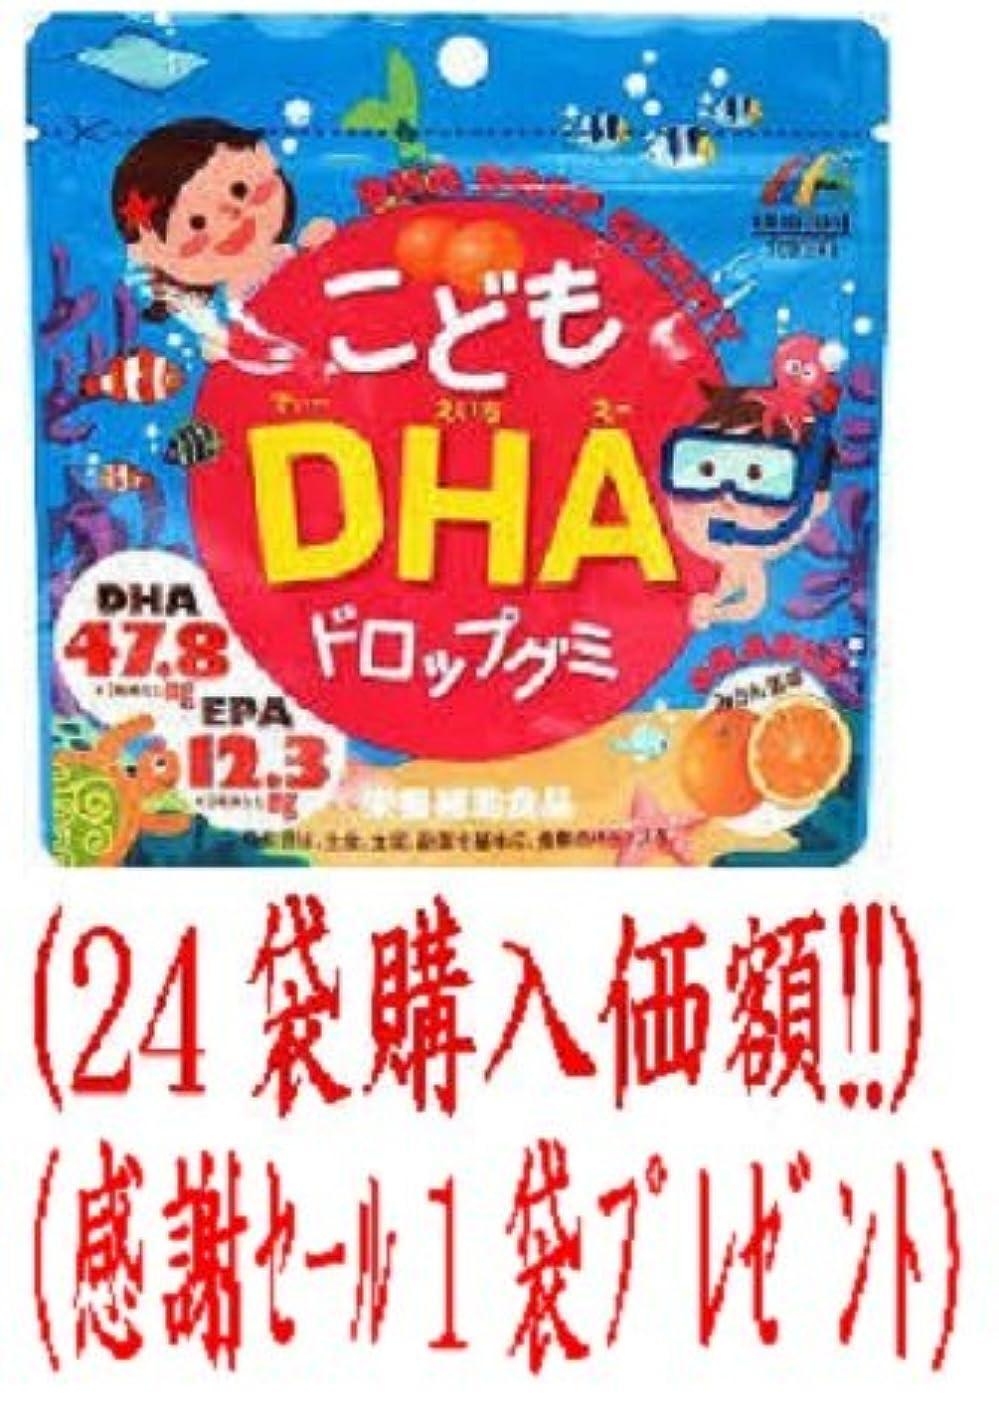 リフレッシュ密接に新年ユニマットリケンこどもDHAドロップグミ90粒(24個購入1個プレゼント)